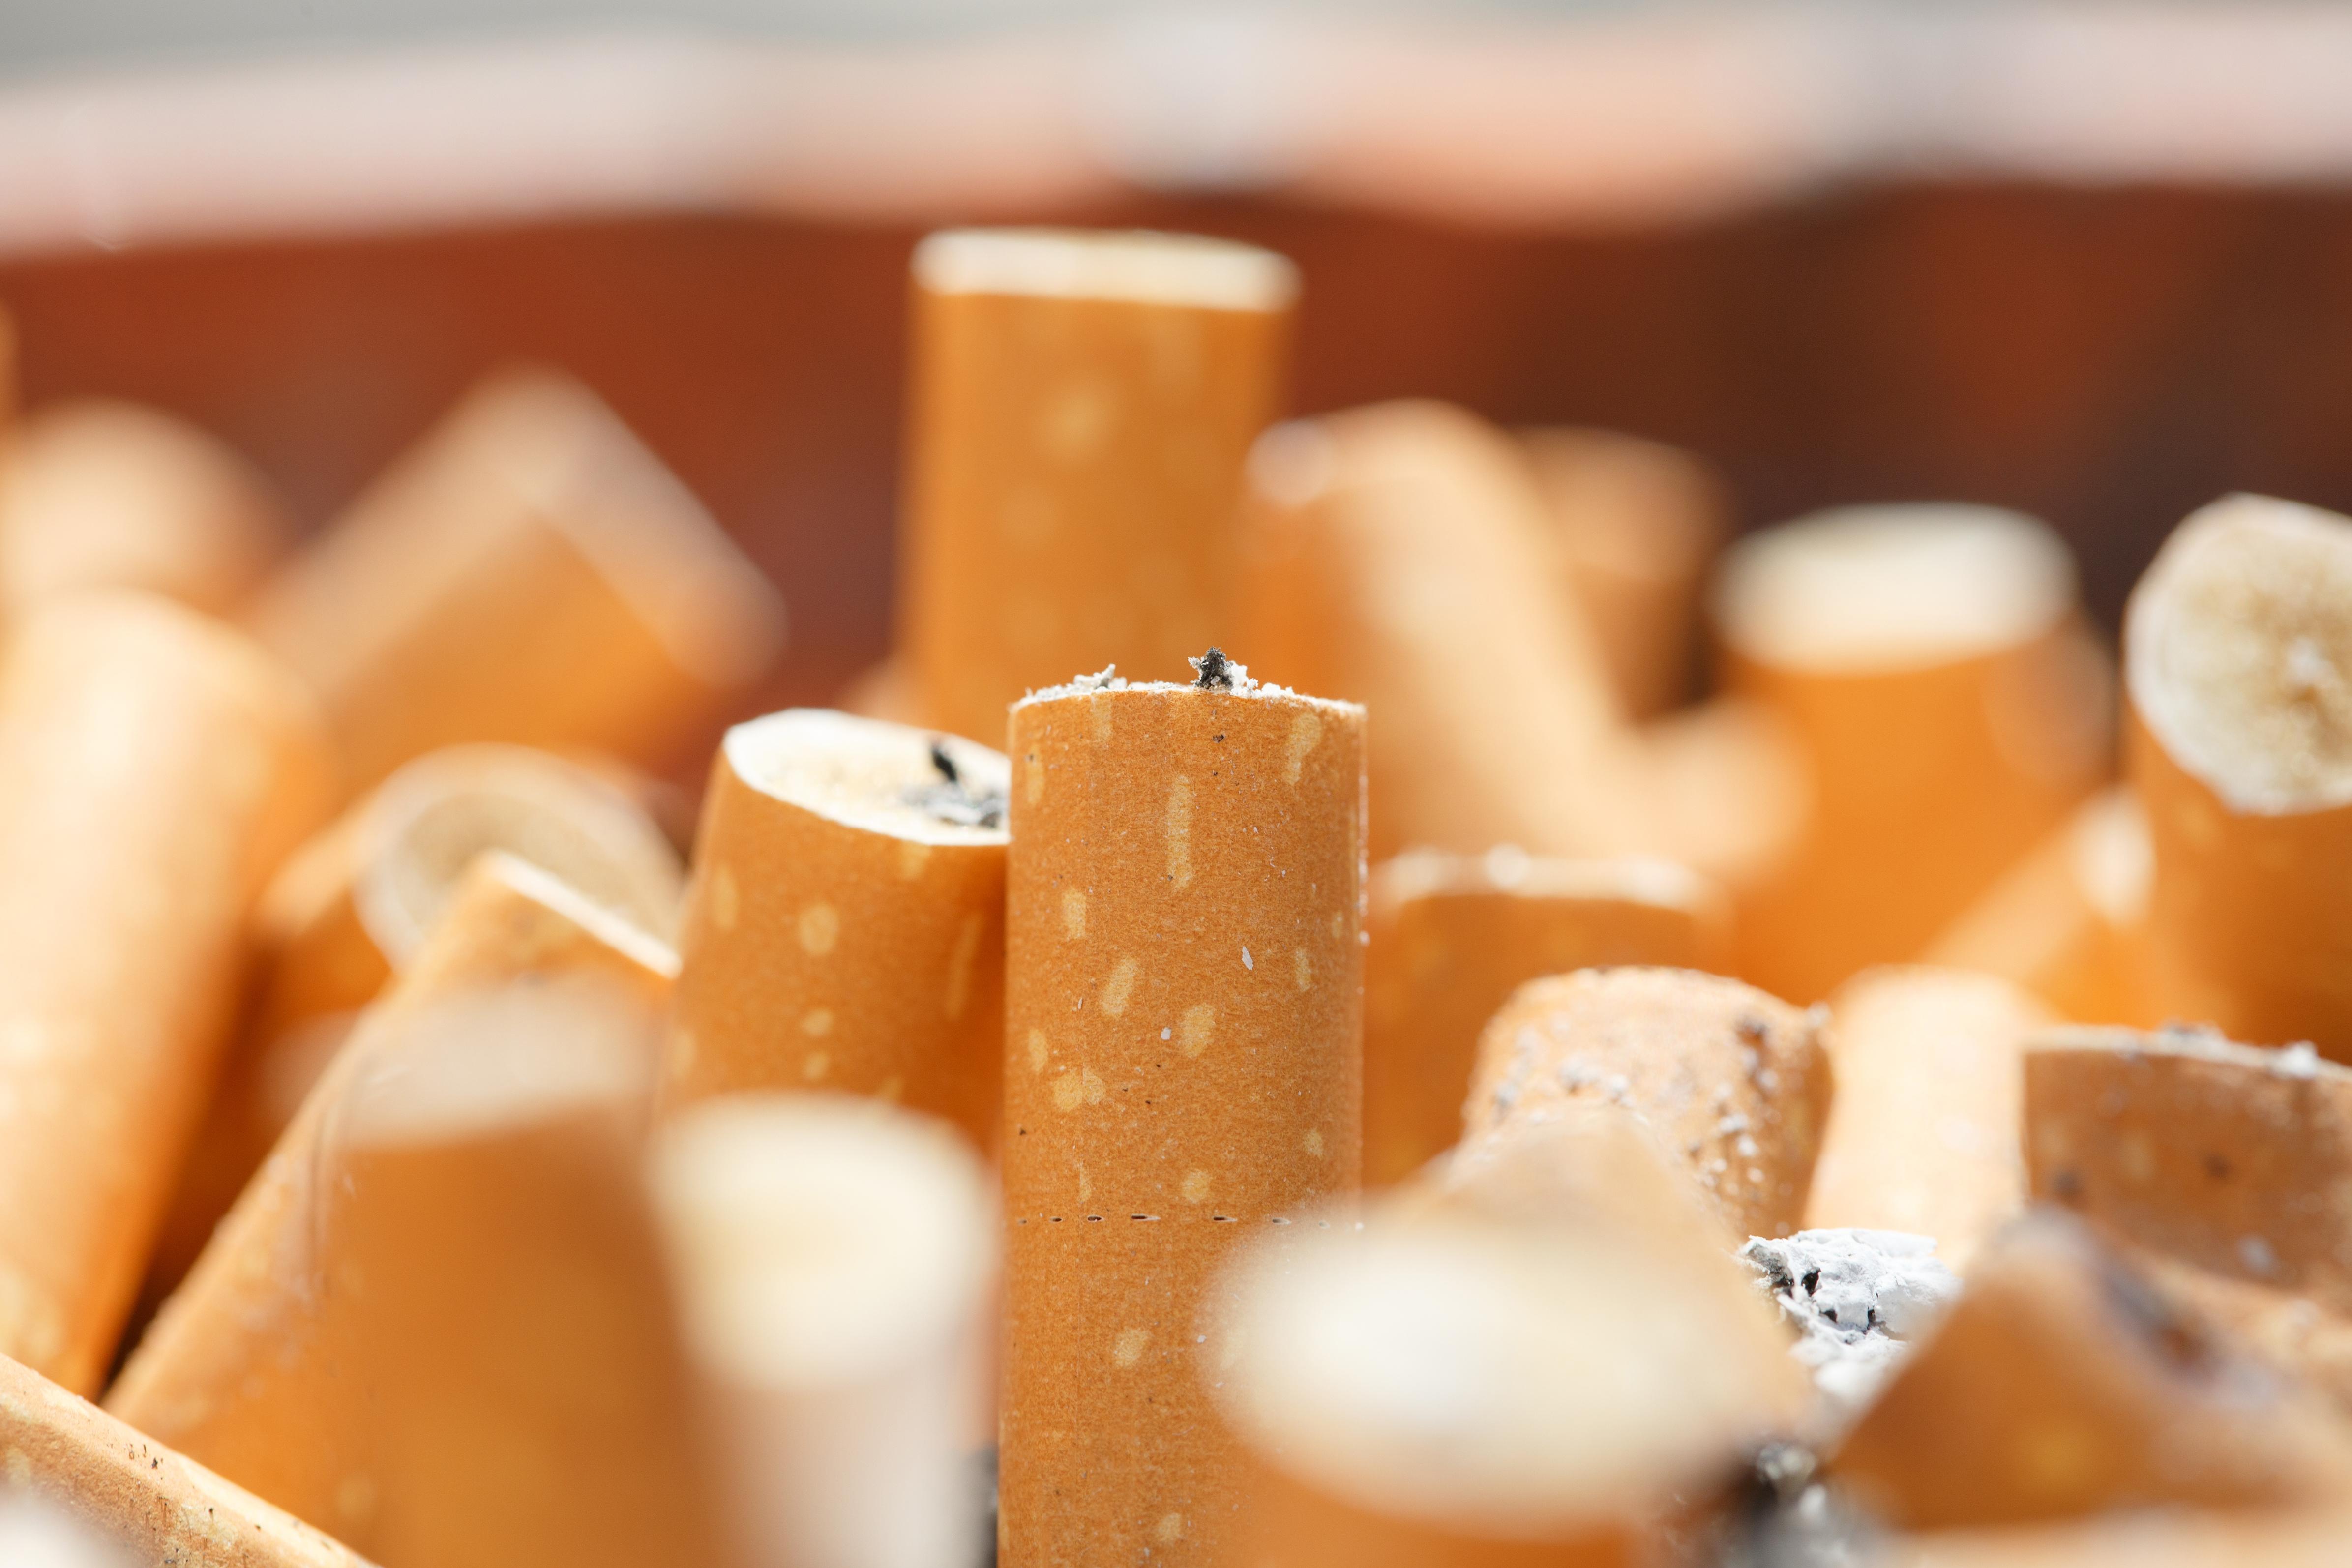 Förutom att kosta det globala samhället stora summor varje år väntas antalet tobaksrelaterade dödsfall öka om ingenting görs.